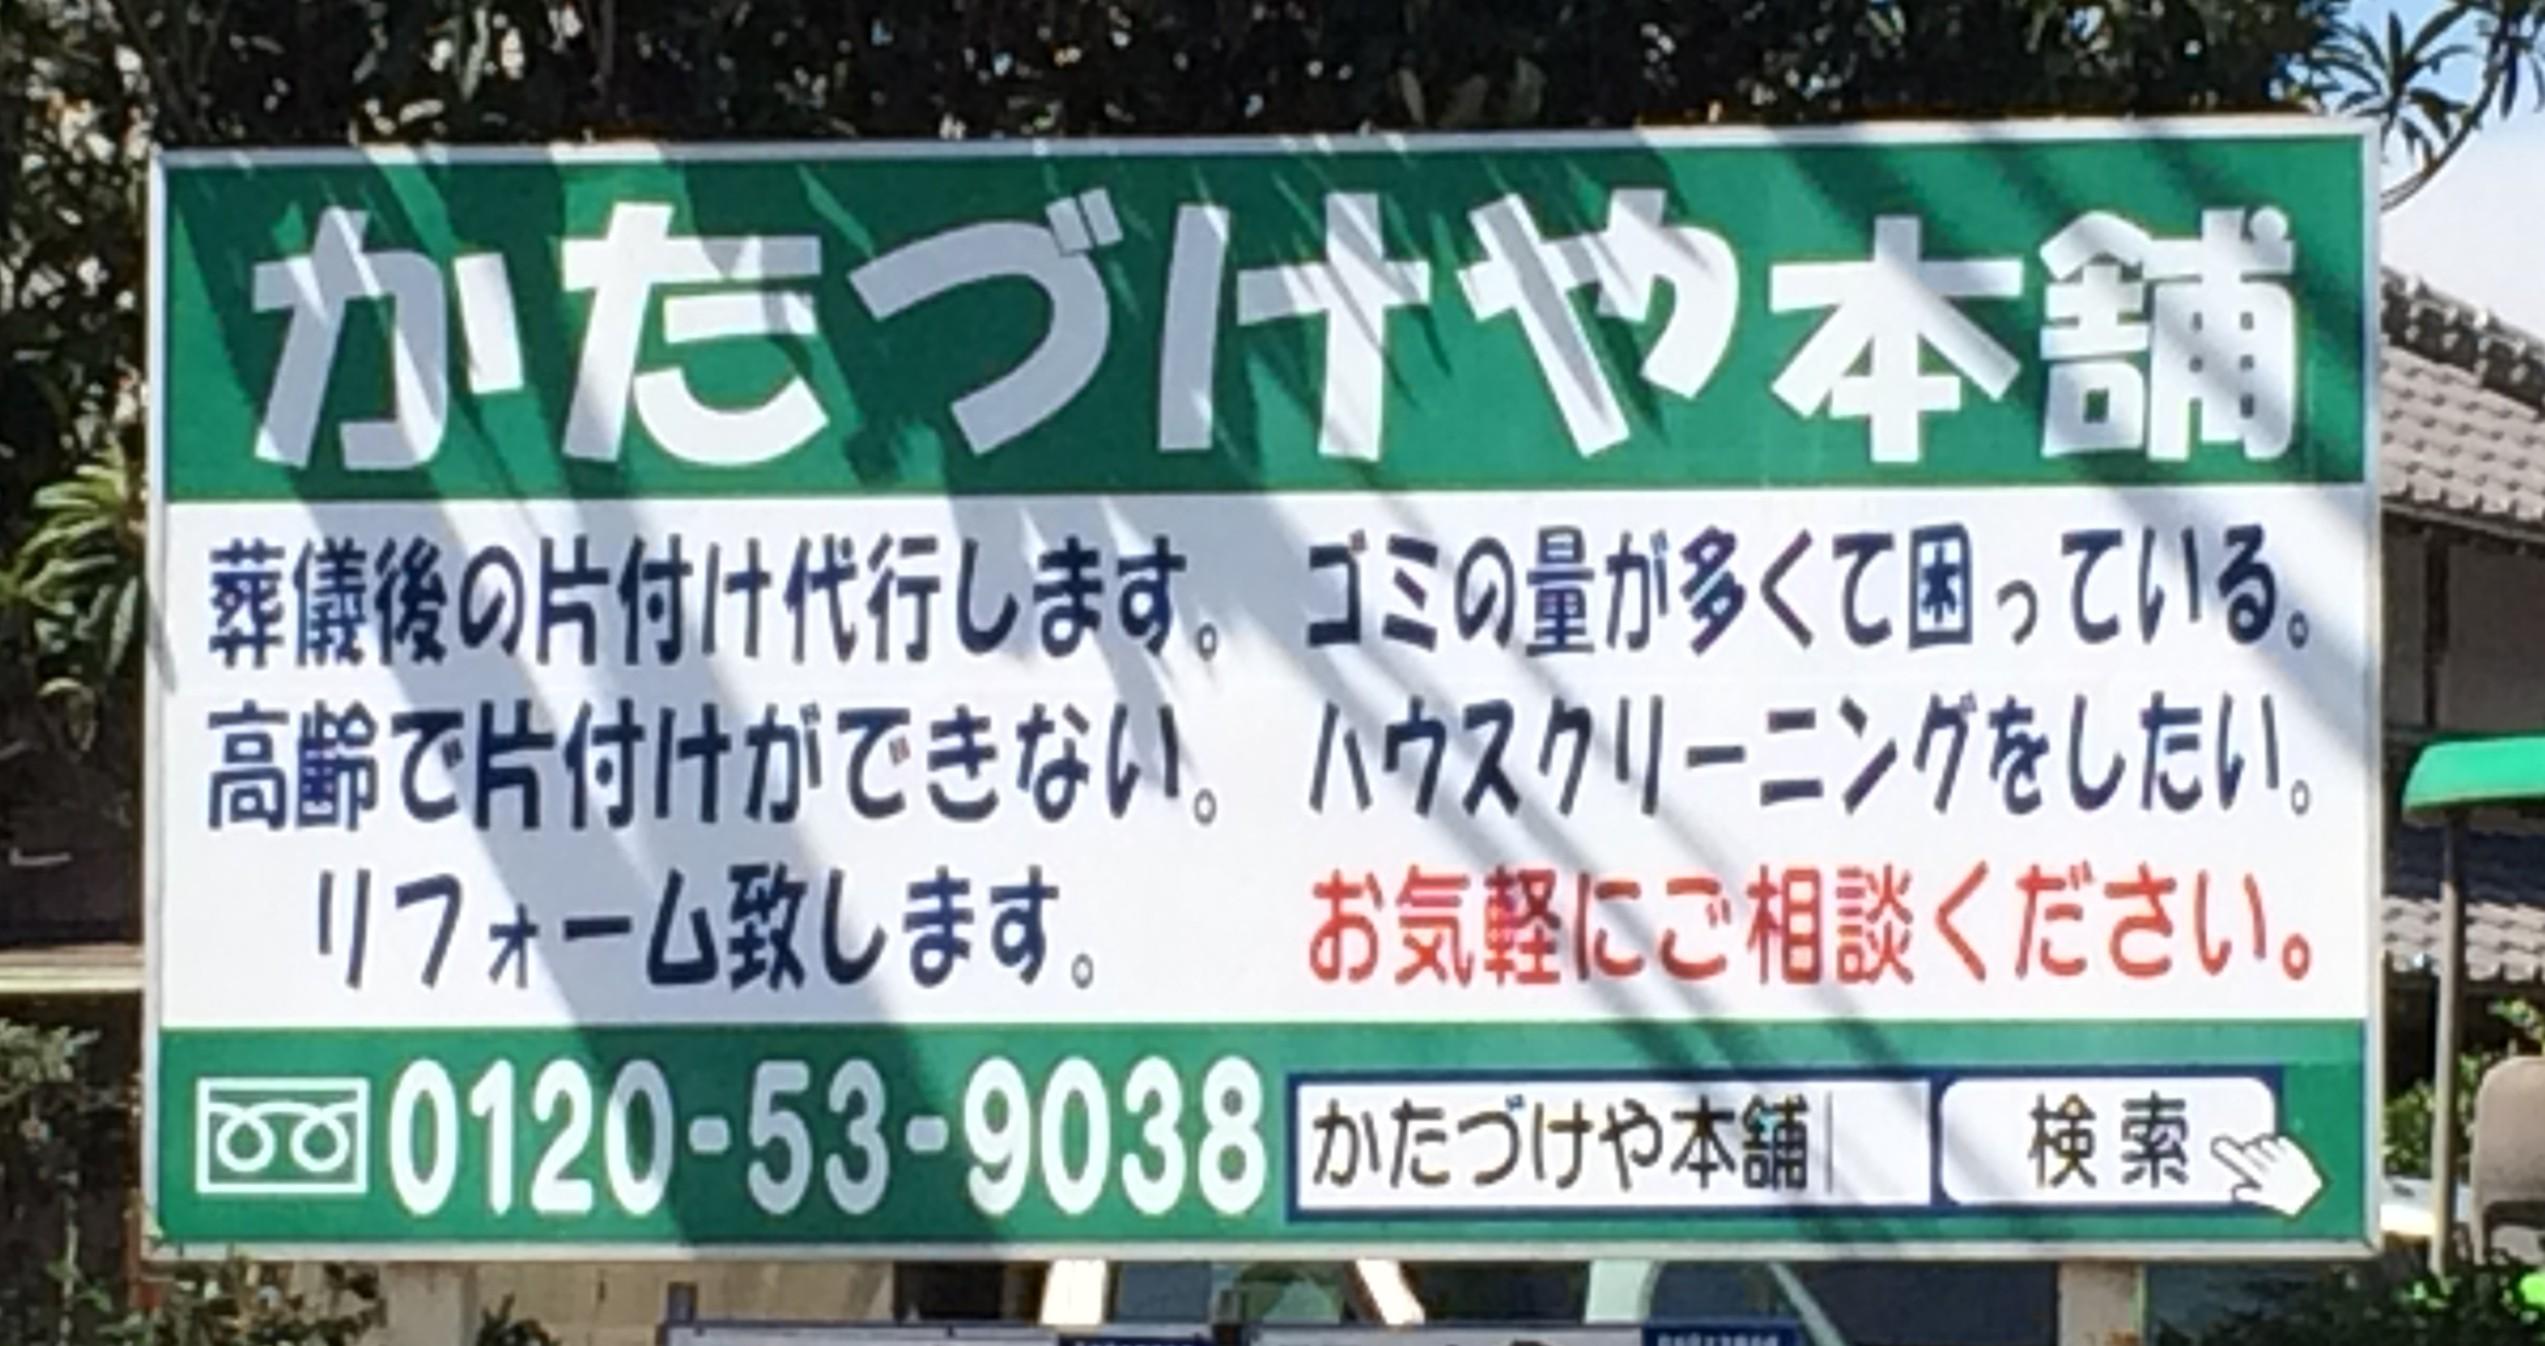 埼玉県は吉川市にある遺品整理会社